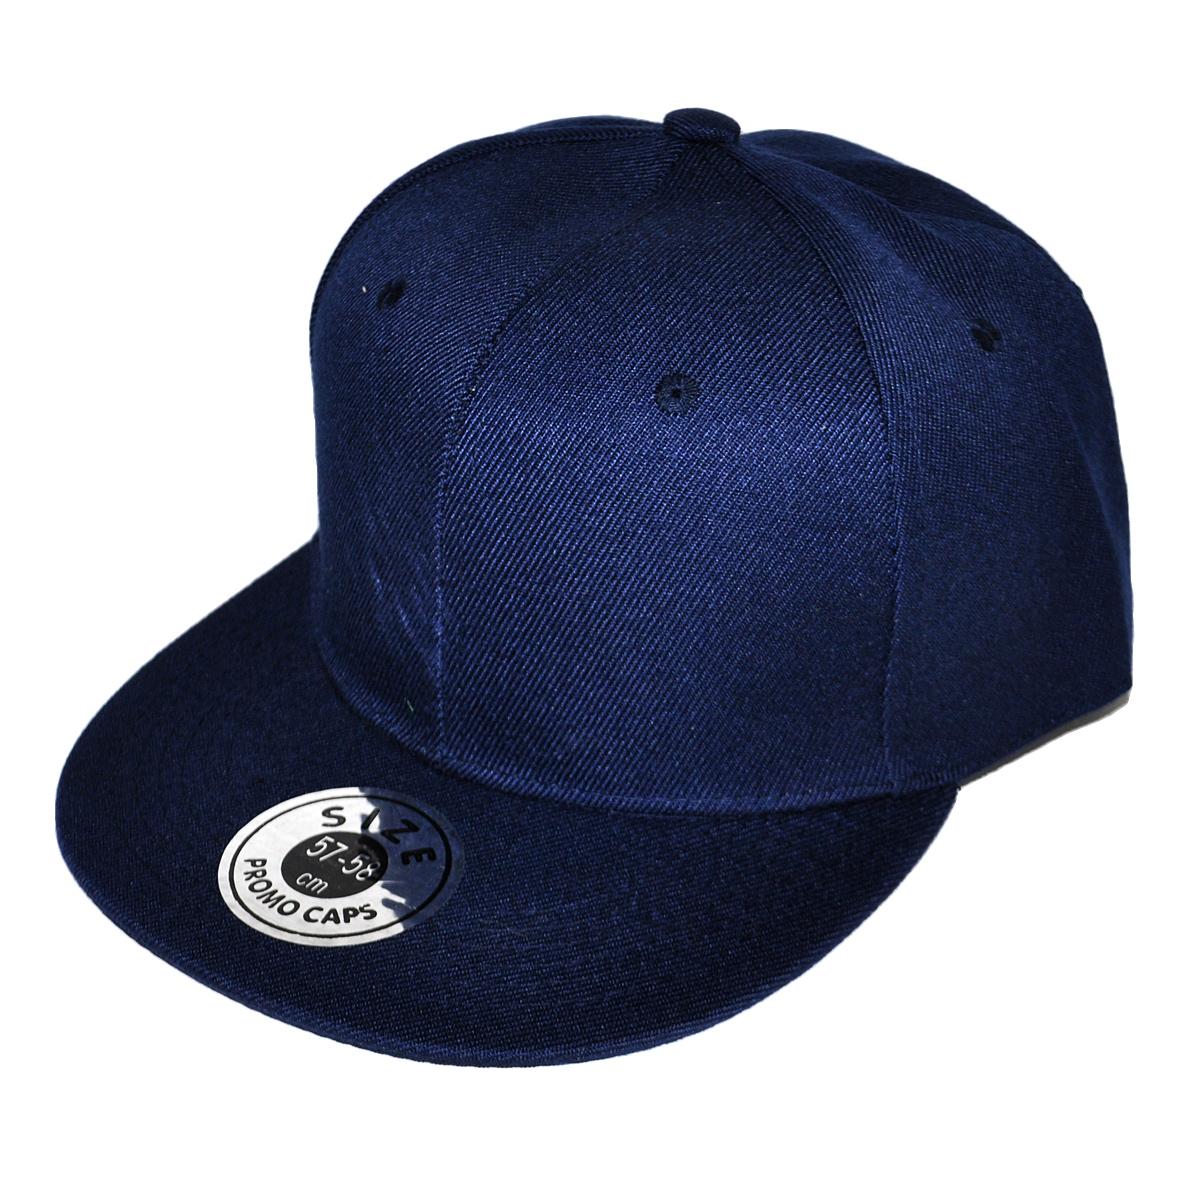 Купить рэперские кепки с прямым козырьком в Интернет-Магазине. fae0b095841ce